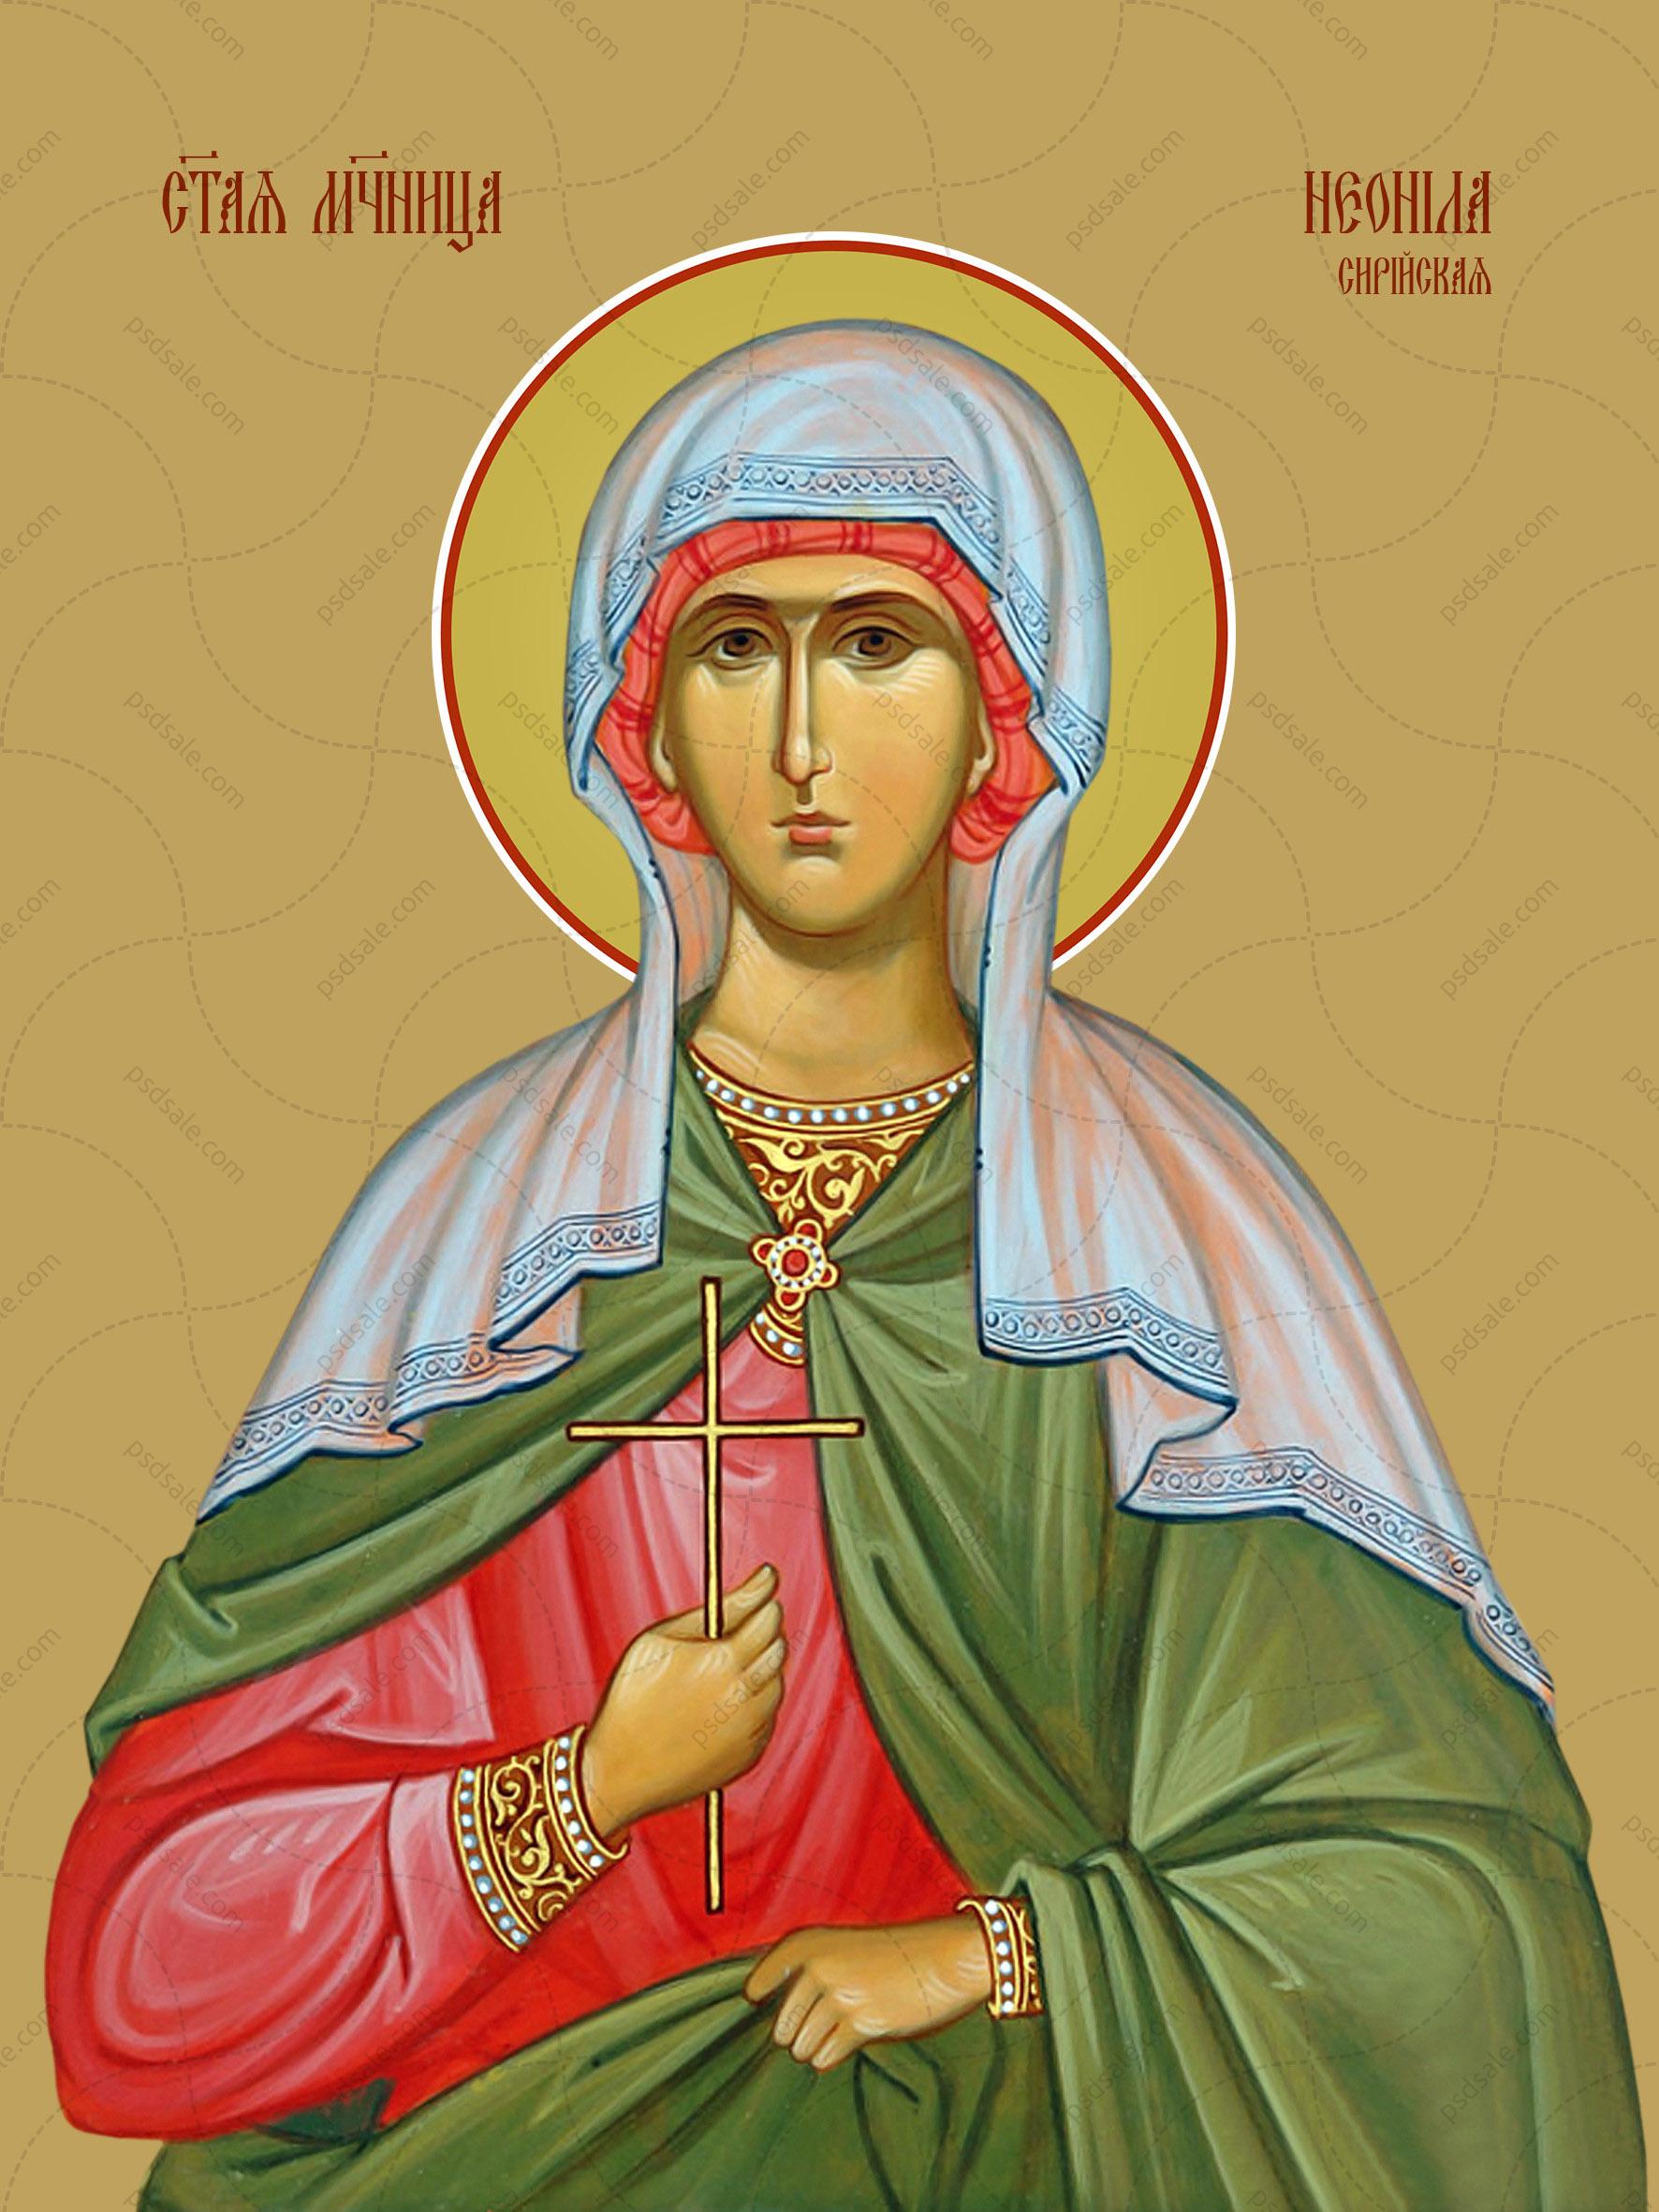 Неонила Сирийская, мученица